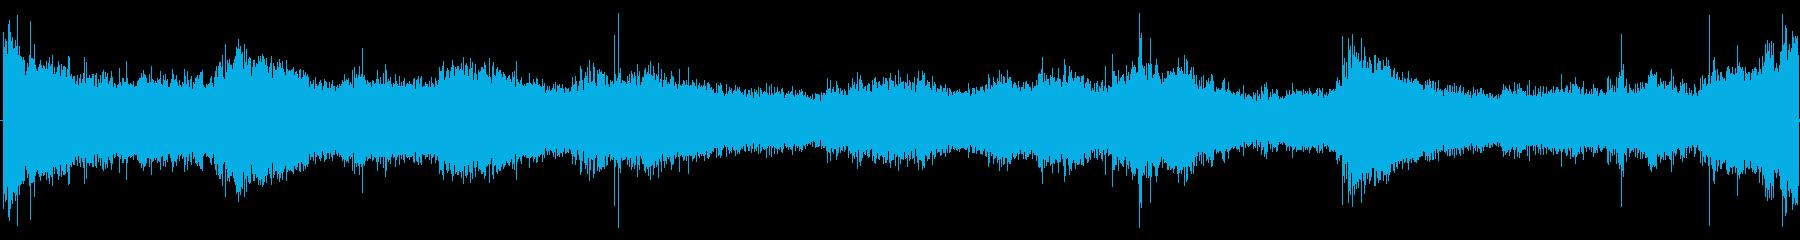 海 サーフストーミーシー01の再生済みの波形